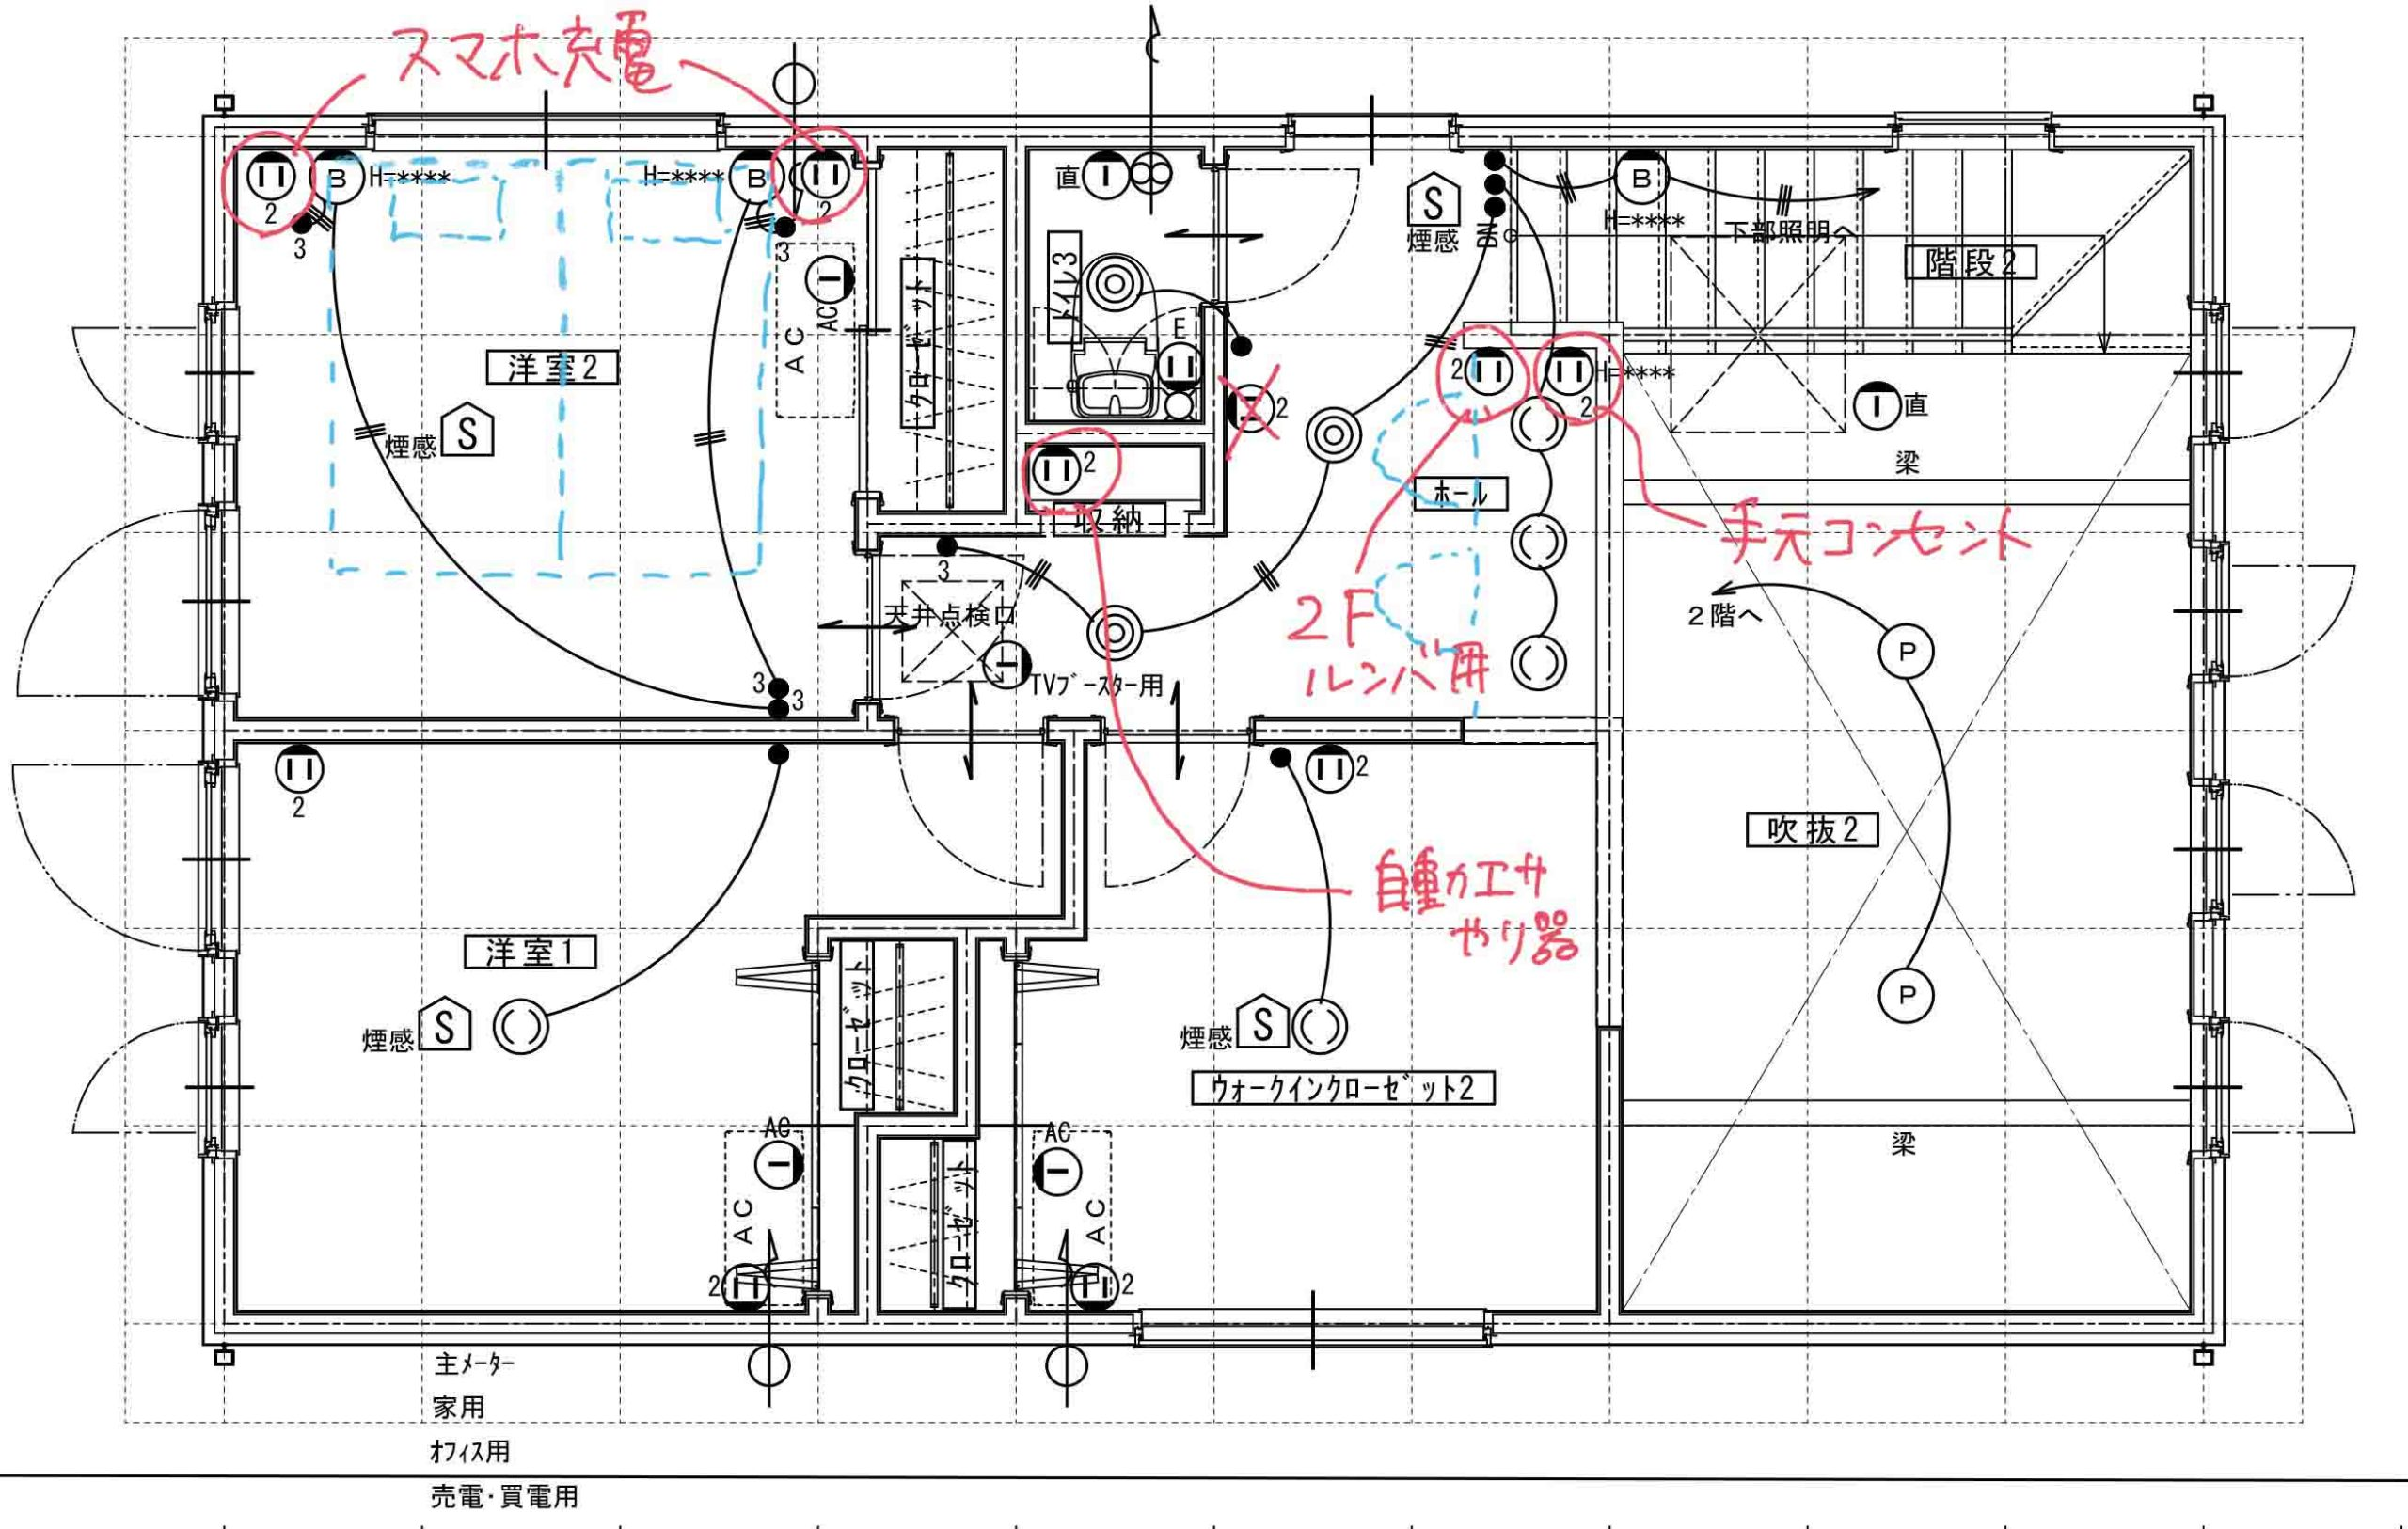 3F電気配線図ポイント